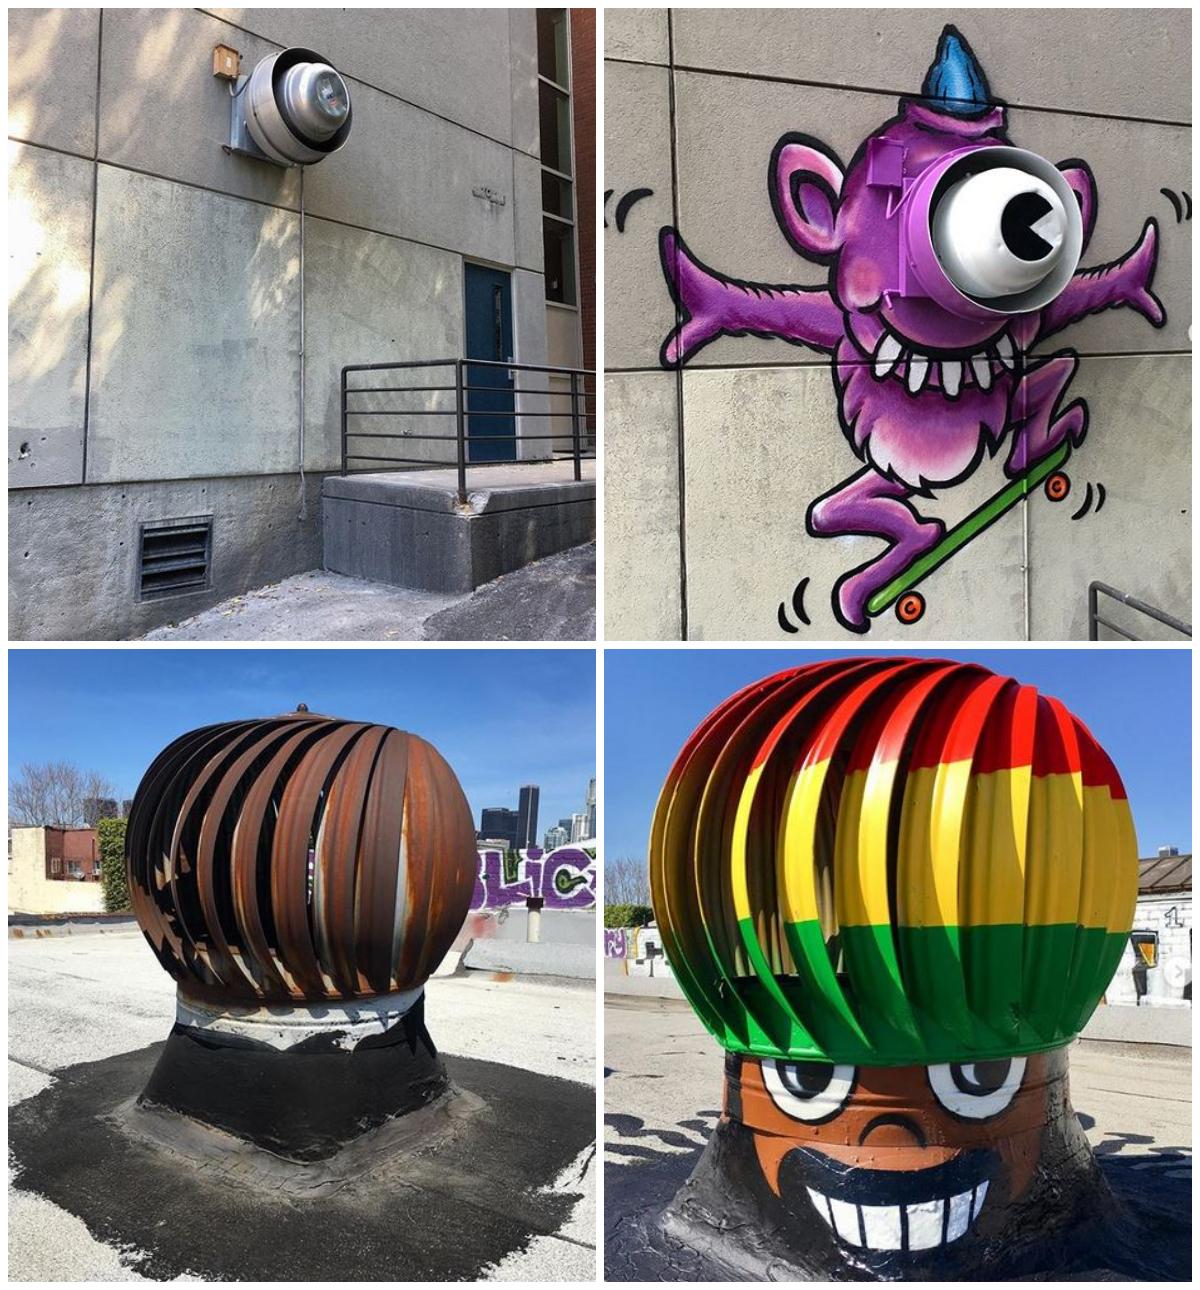 street_art_tom_bob_festomuvesz_utcai_kreativ_alkotas_vicces_csatornafedel_ereszcsatorna_3.jpg